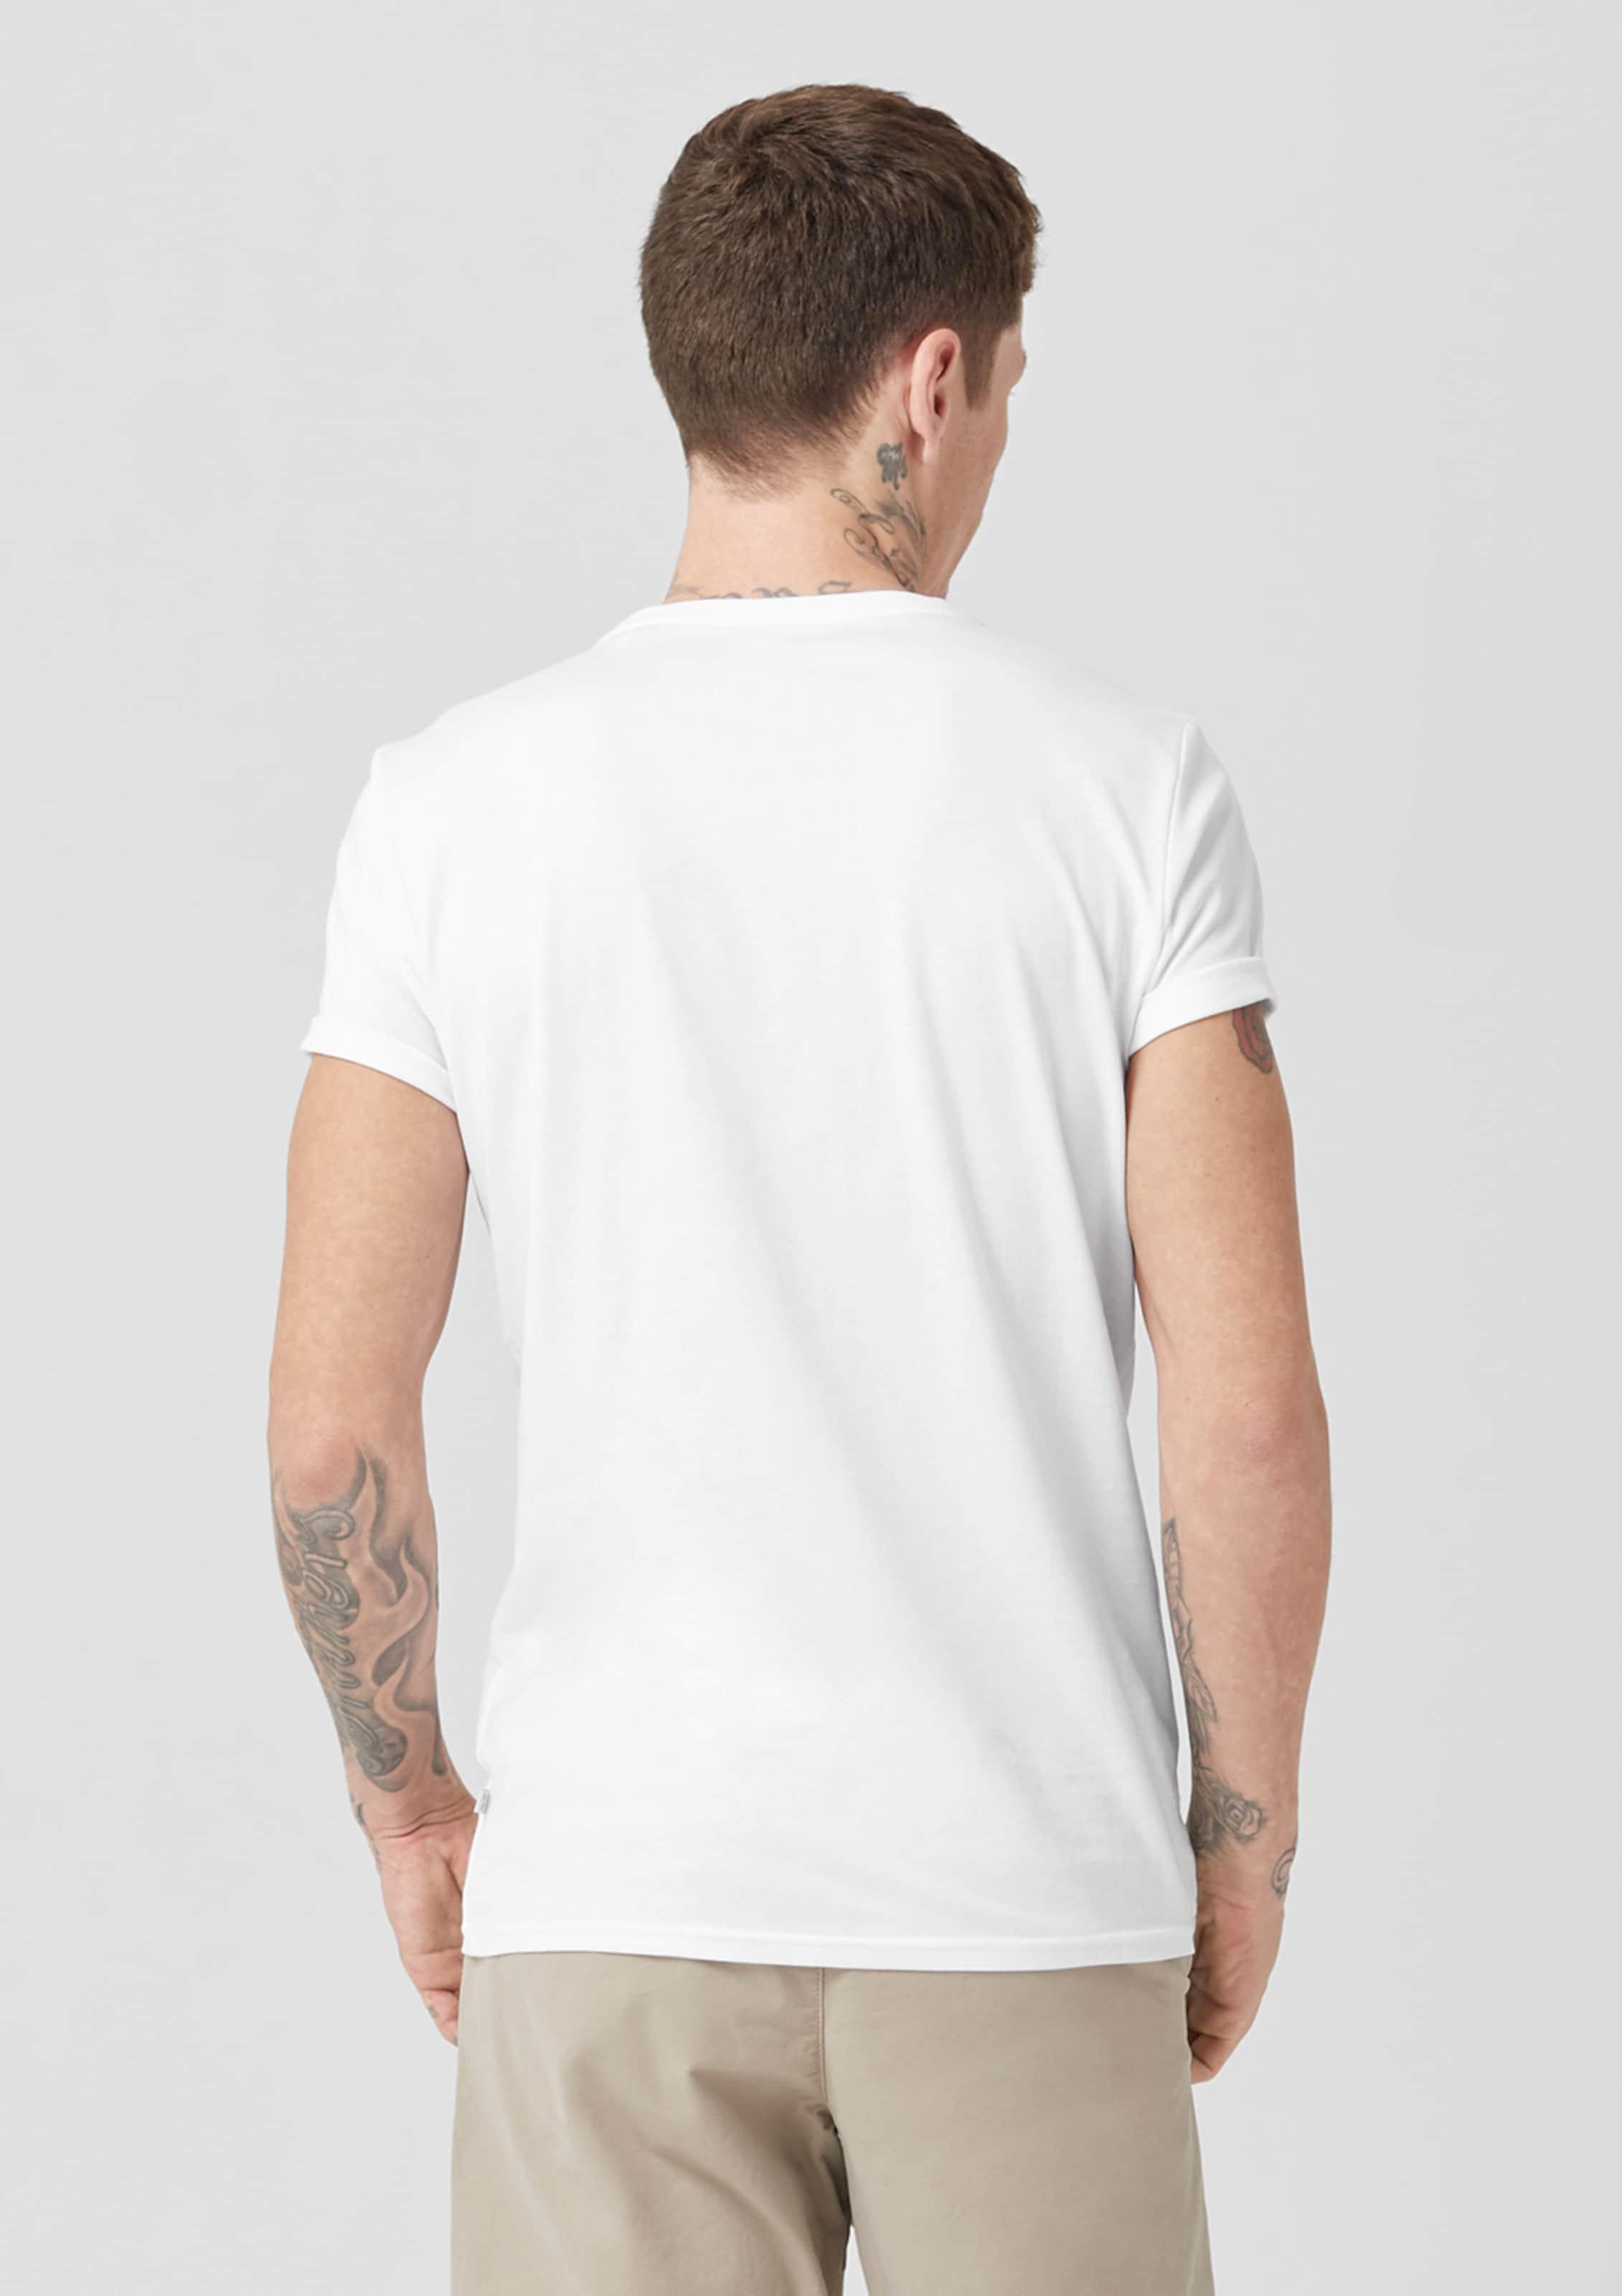 Weiß s Designed Shirt By Q In GelbSchwarz Ybgf76y